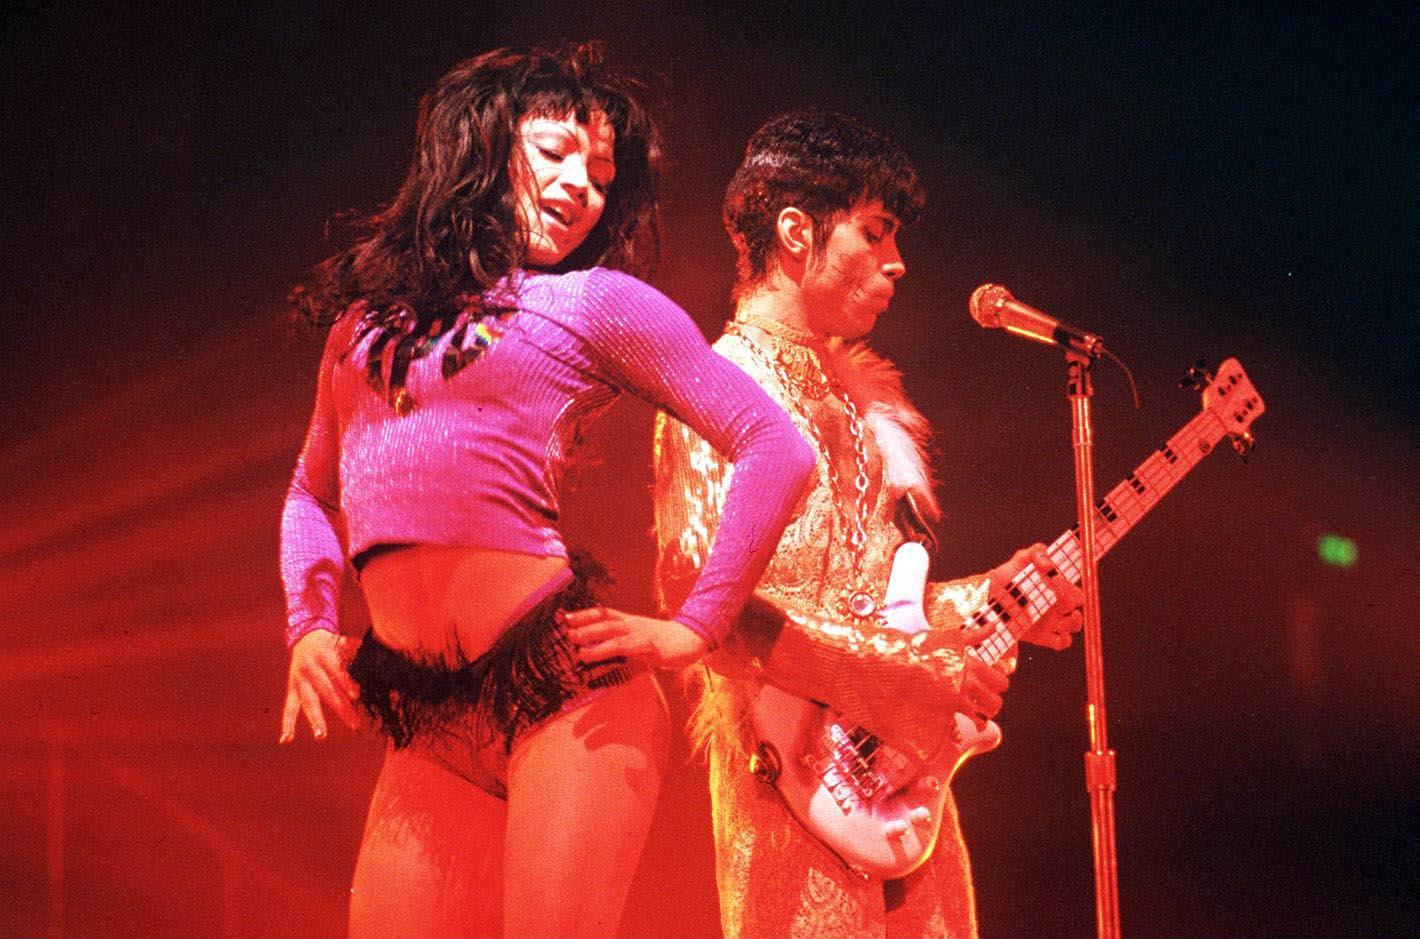 Prince - 1995